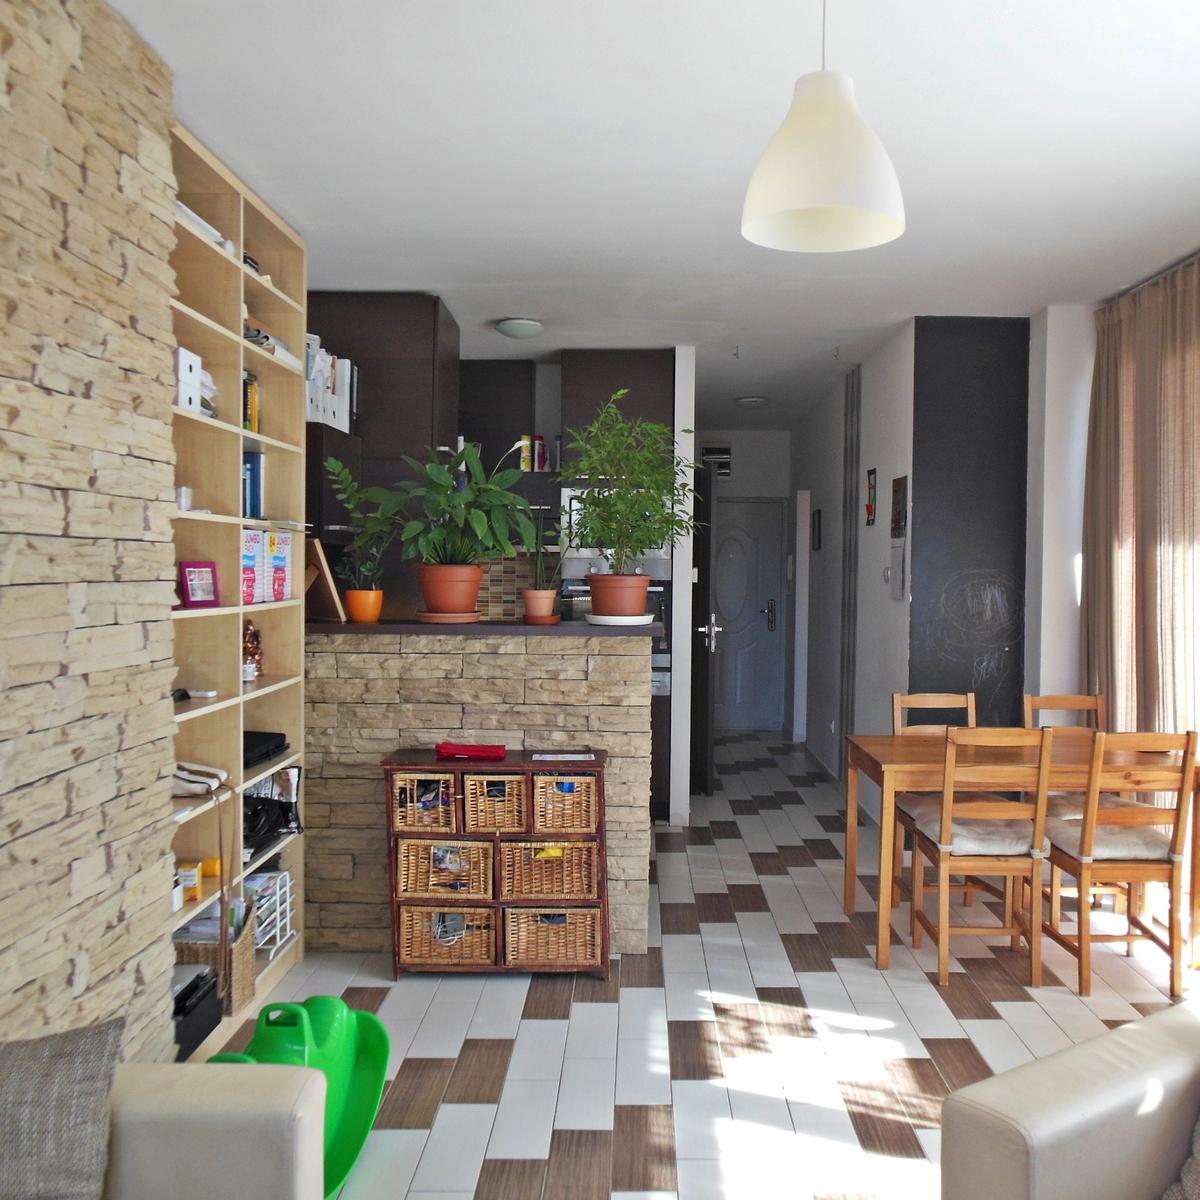 Eladó  téglalakás (Budapest, XVII. kerületBudapest, XVII. kerület, Kaszáló u.) 26,5 M  Ft +ÁFA